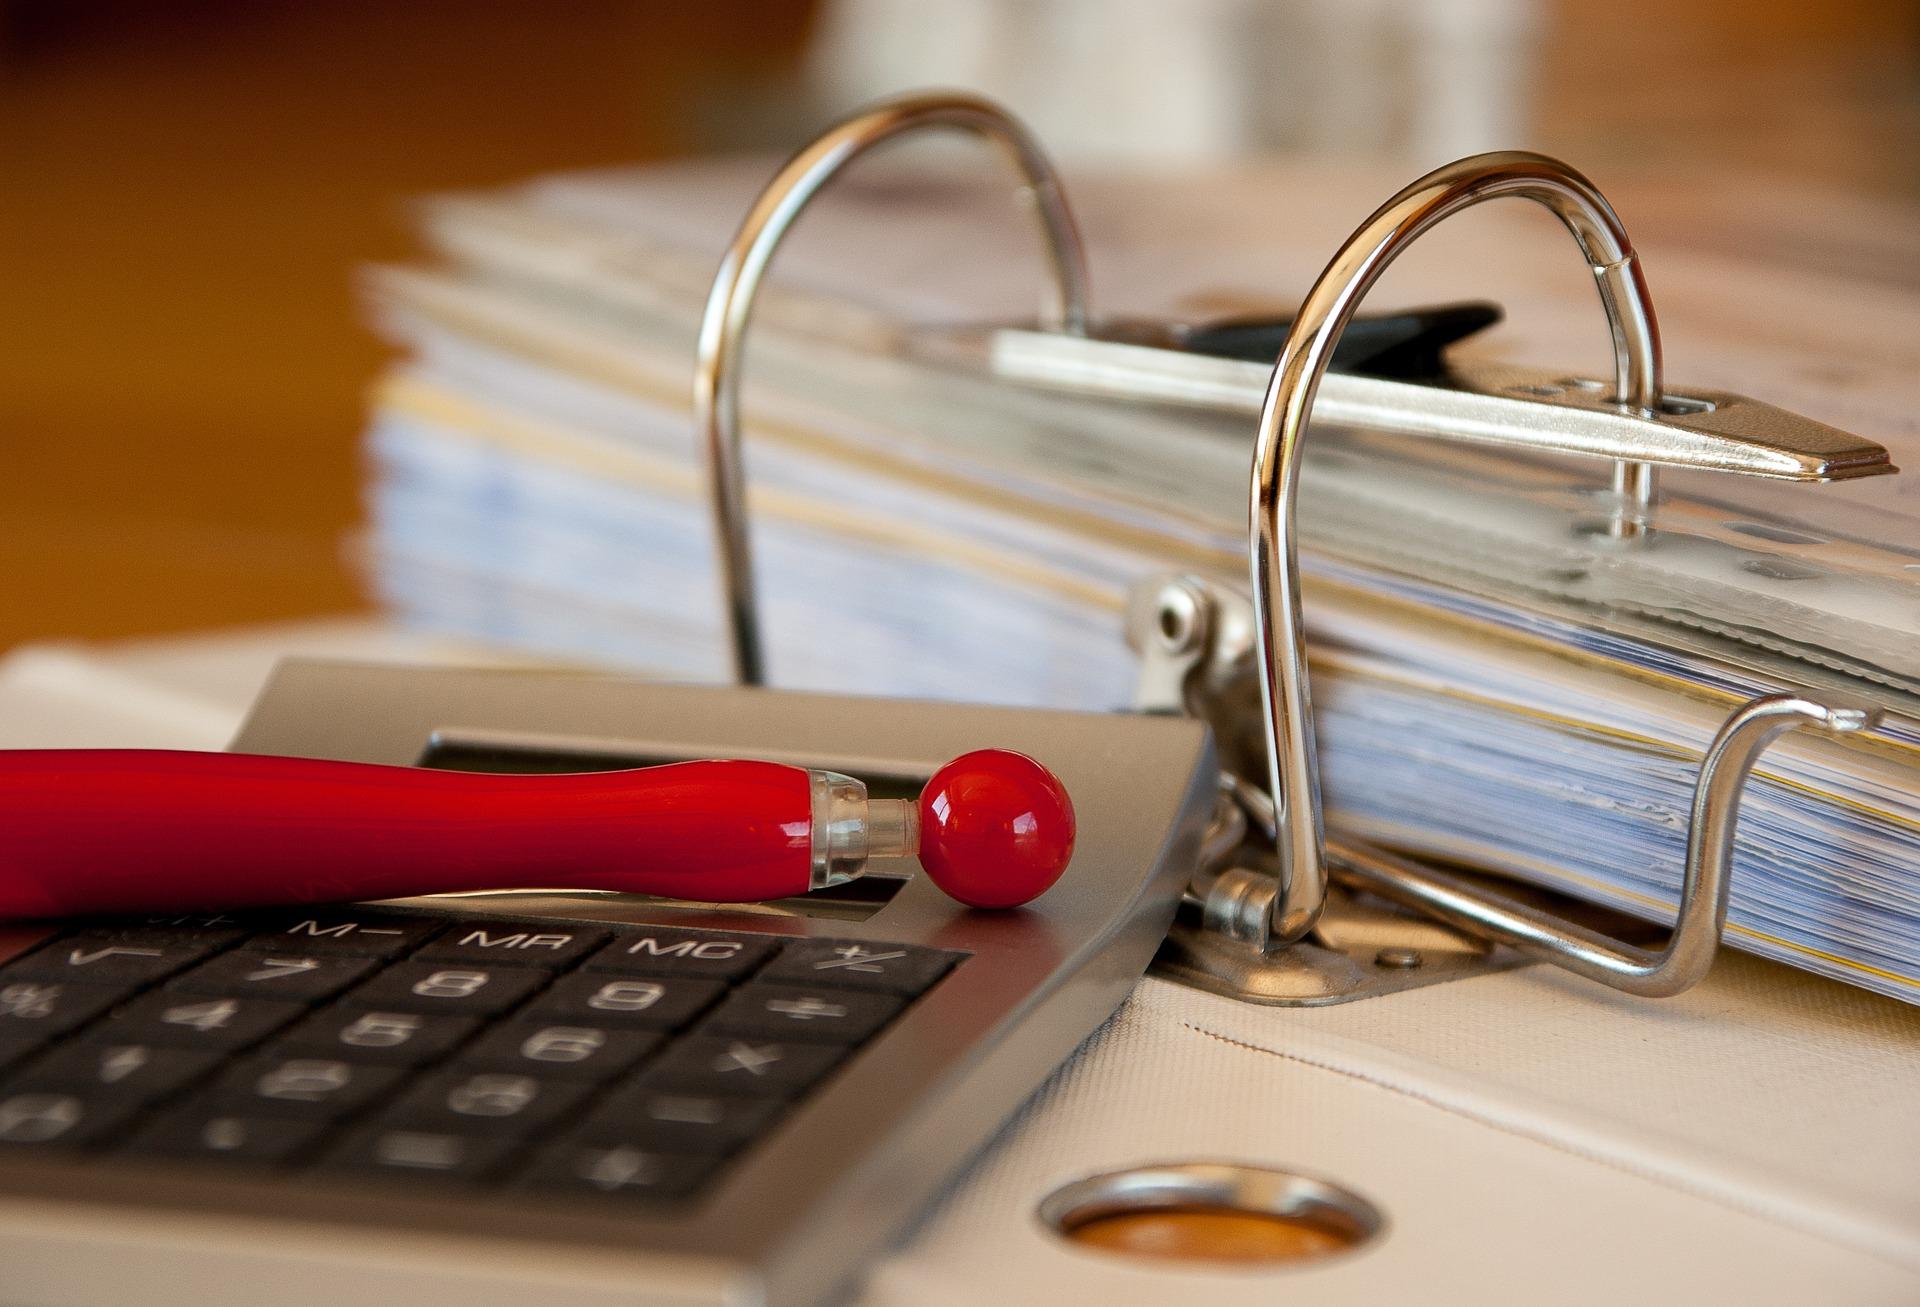 classeur calculette et stylo rouge pour comptabilité